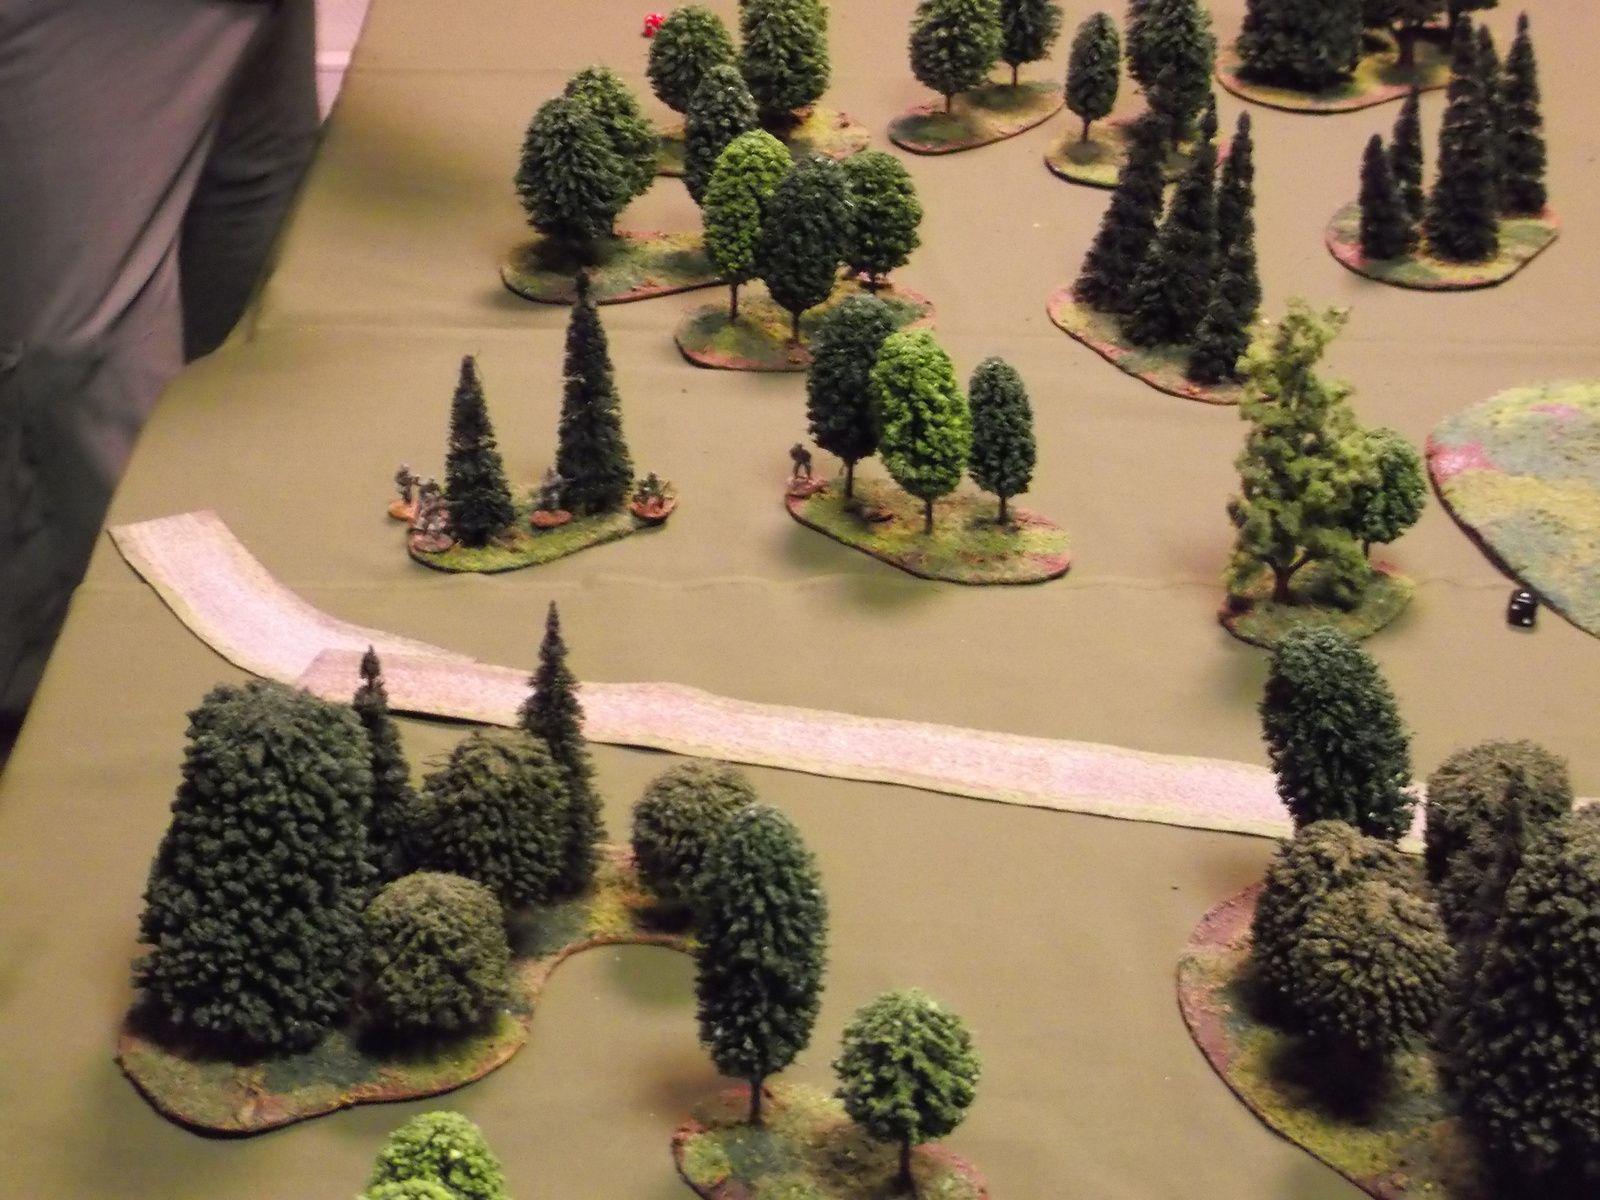 La patrouille allemande se met à l'orée des arbres